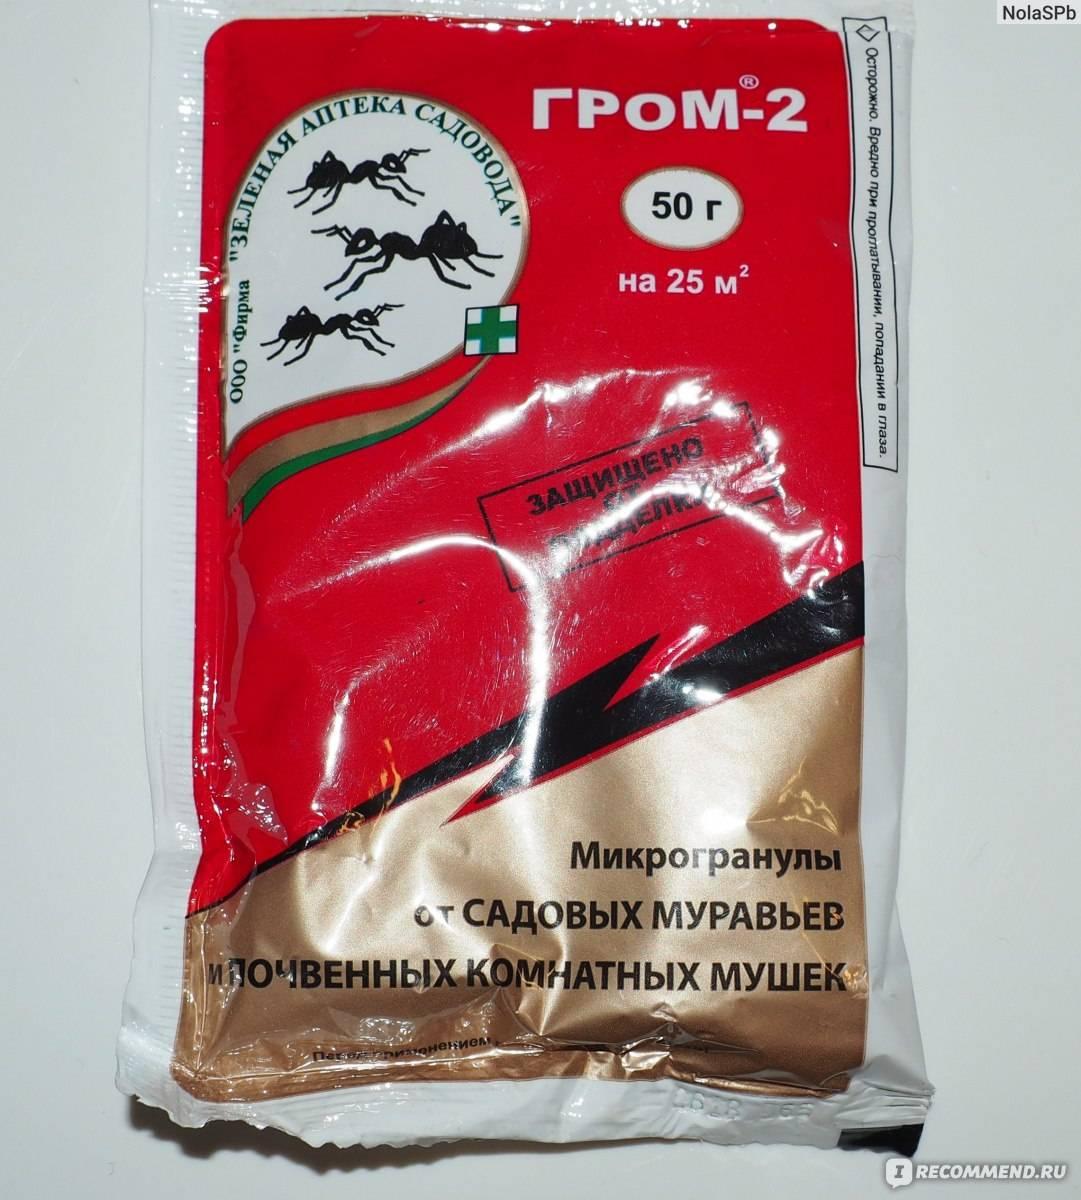 Средство гром-2 в борьбе с муравьями и мошками. как работает средство от муравьев гром 2